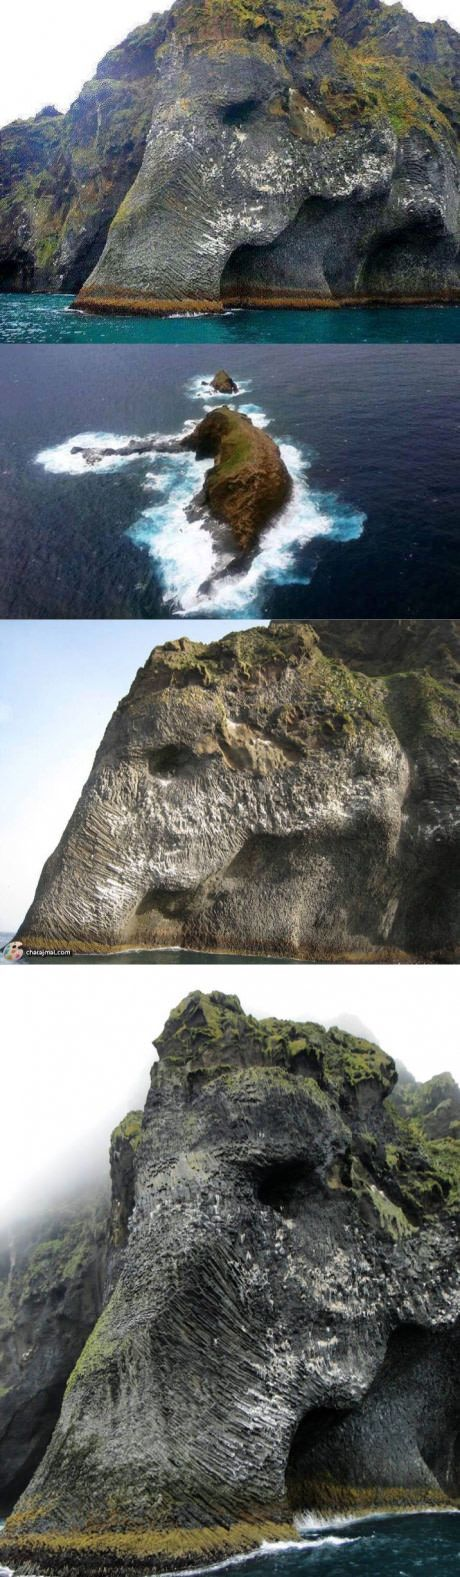 Elephant Rock in Heimaey, Iceland